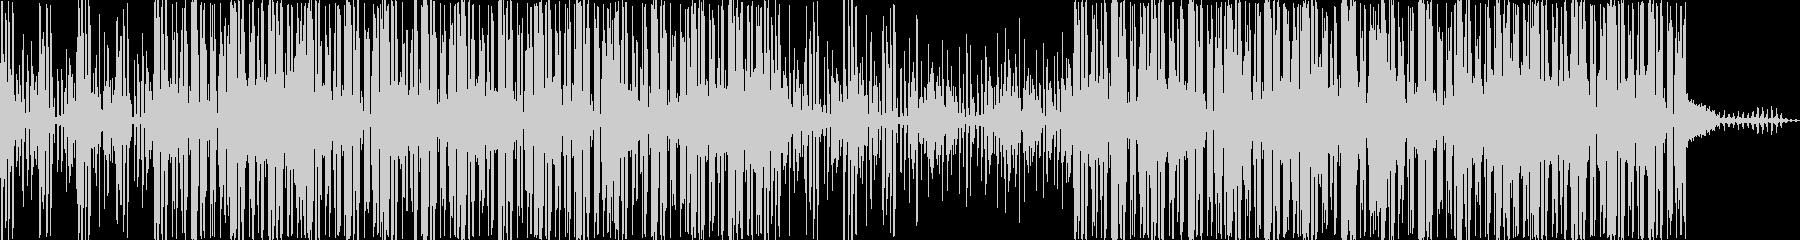 エレクトロニック 技術的な 感情的...の未再生の波形